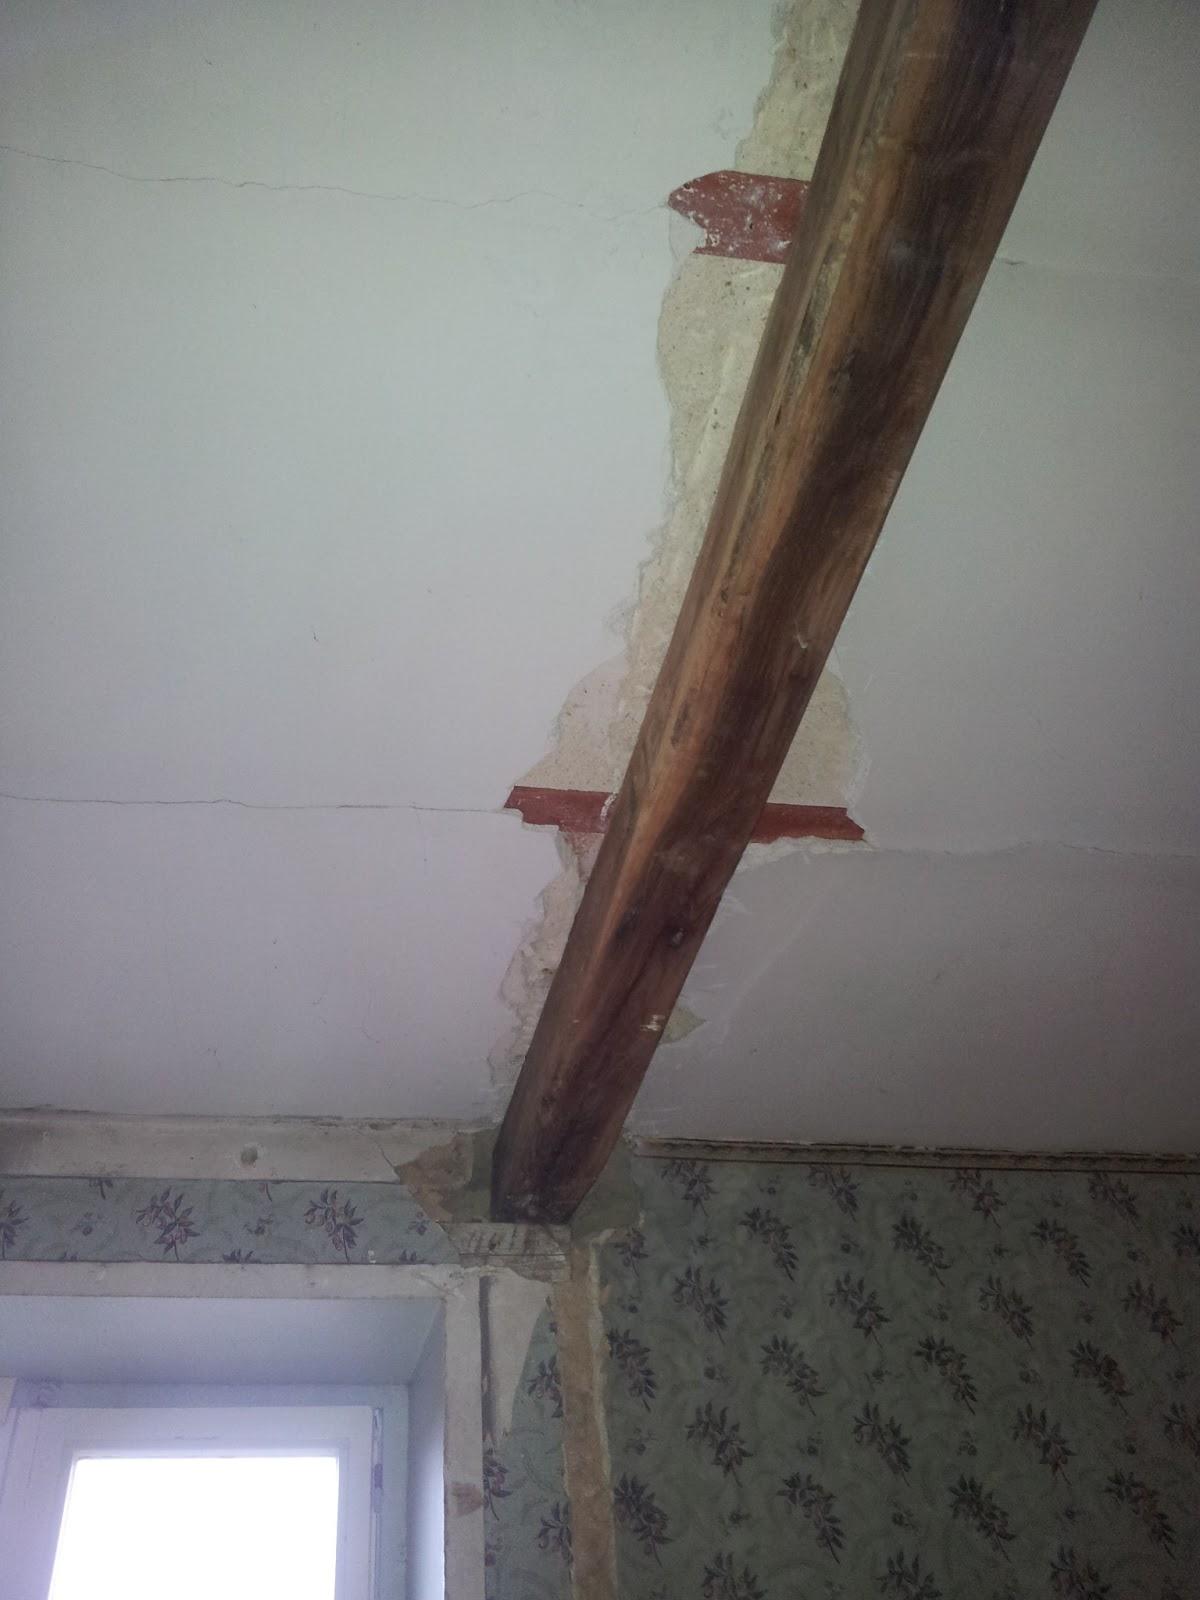 M nessaire stof veel stof - Plafond met balk ...